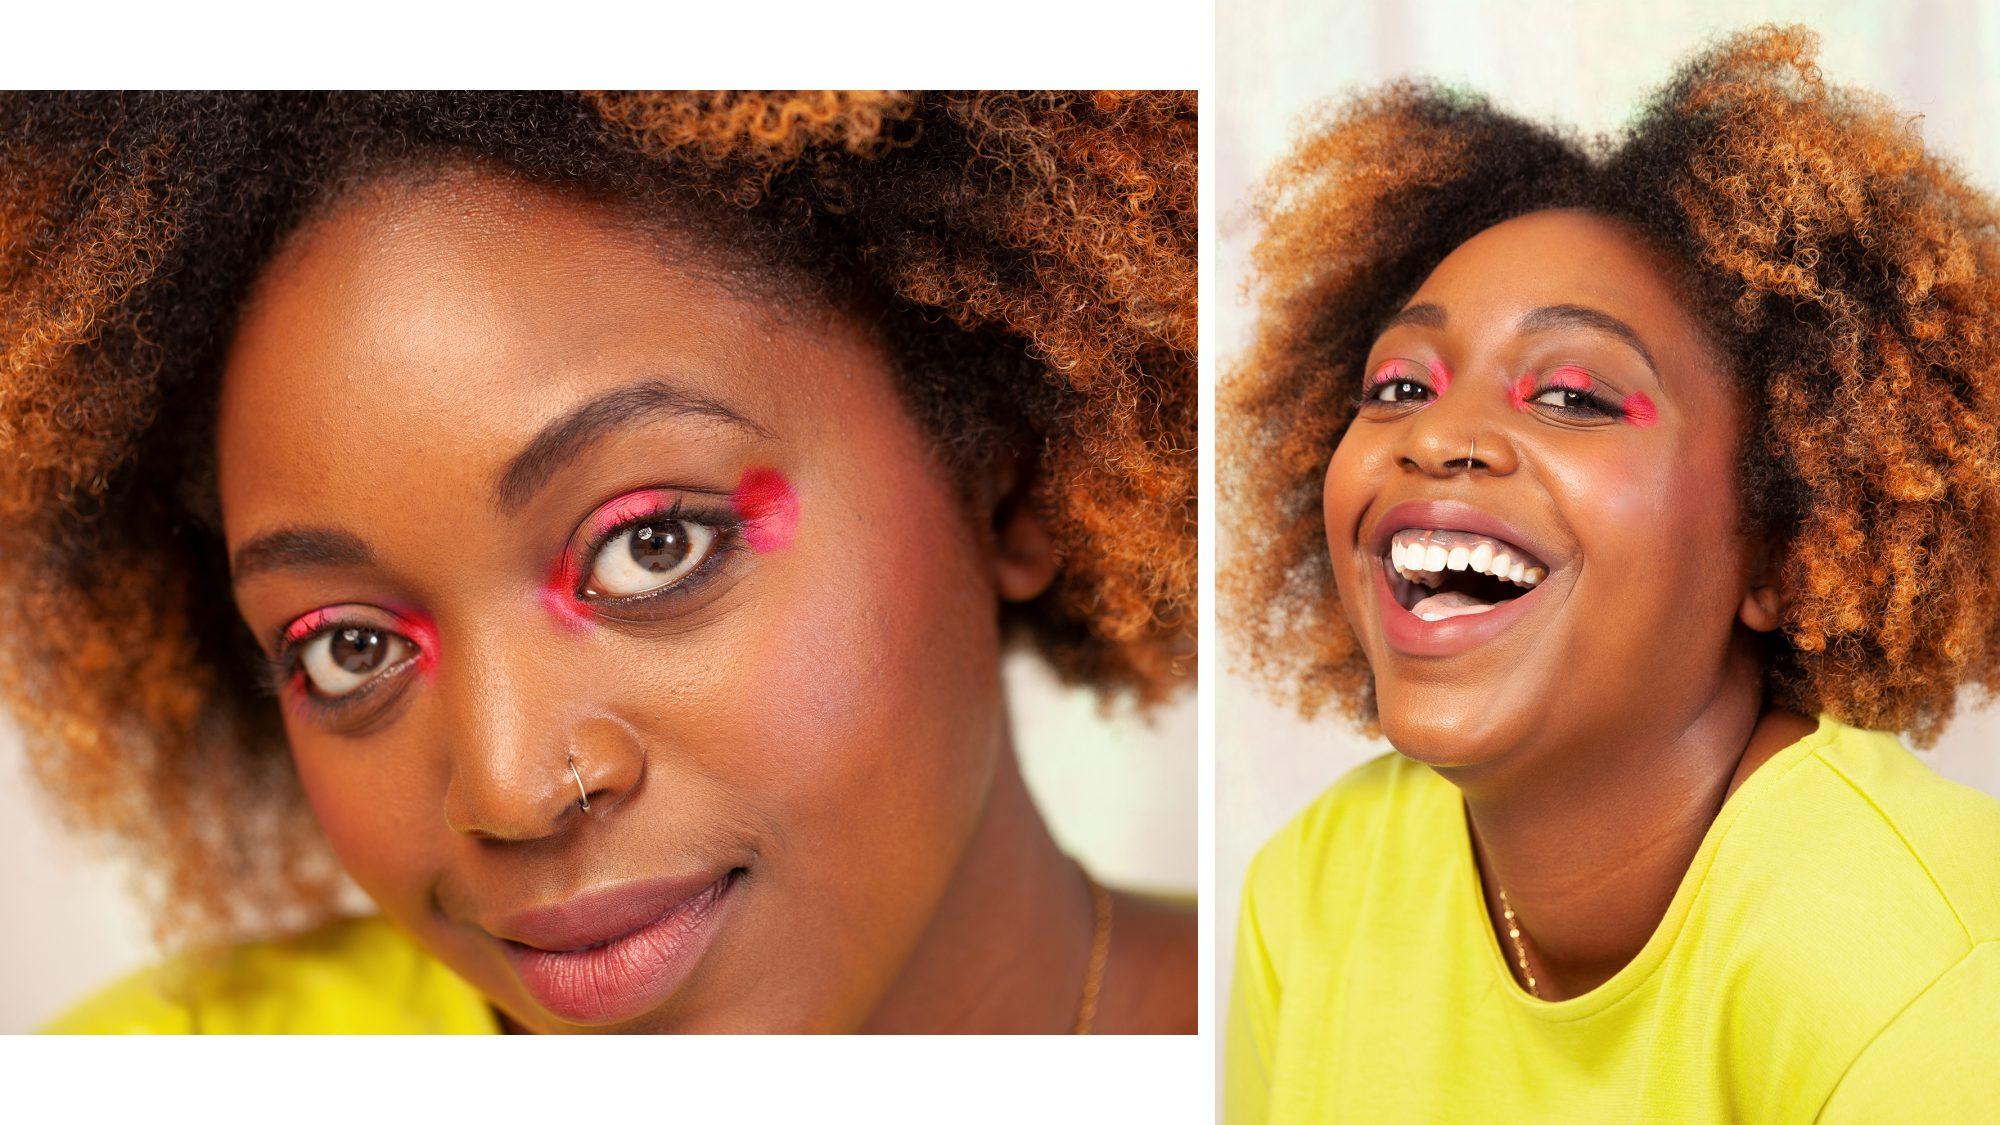 061721-HCF-Bright-Dots-Bold-Makeup-v2